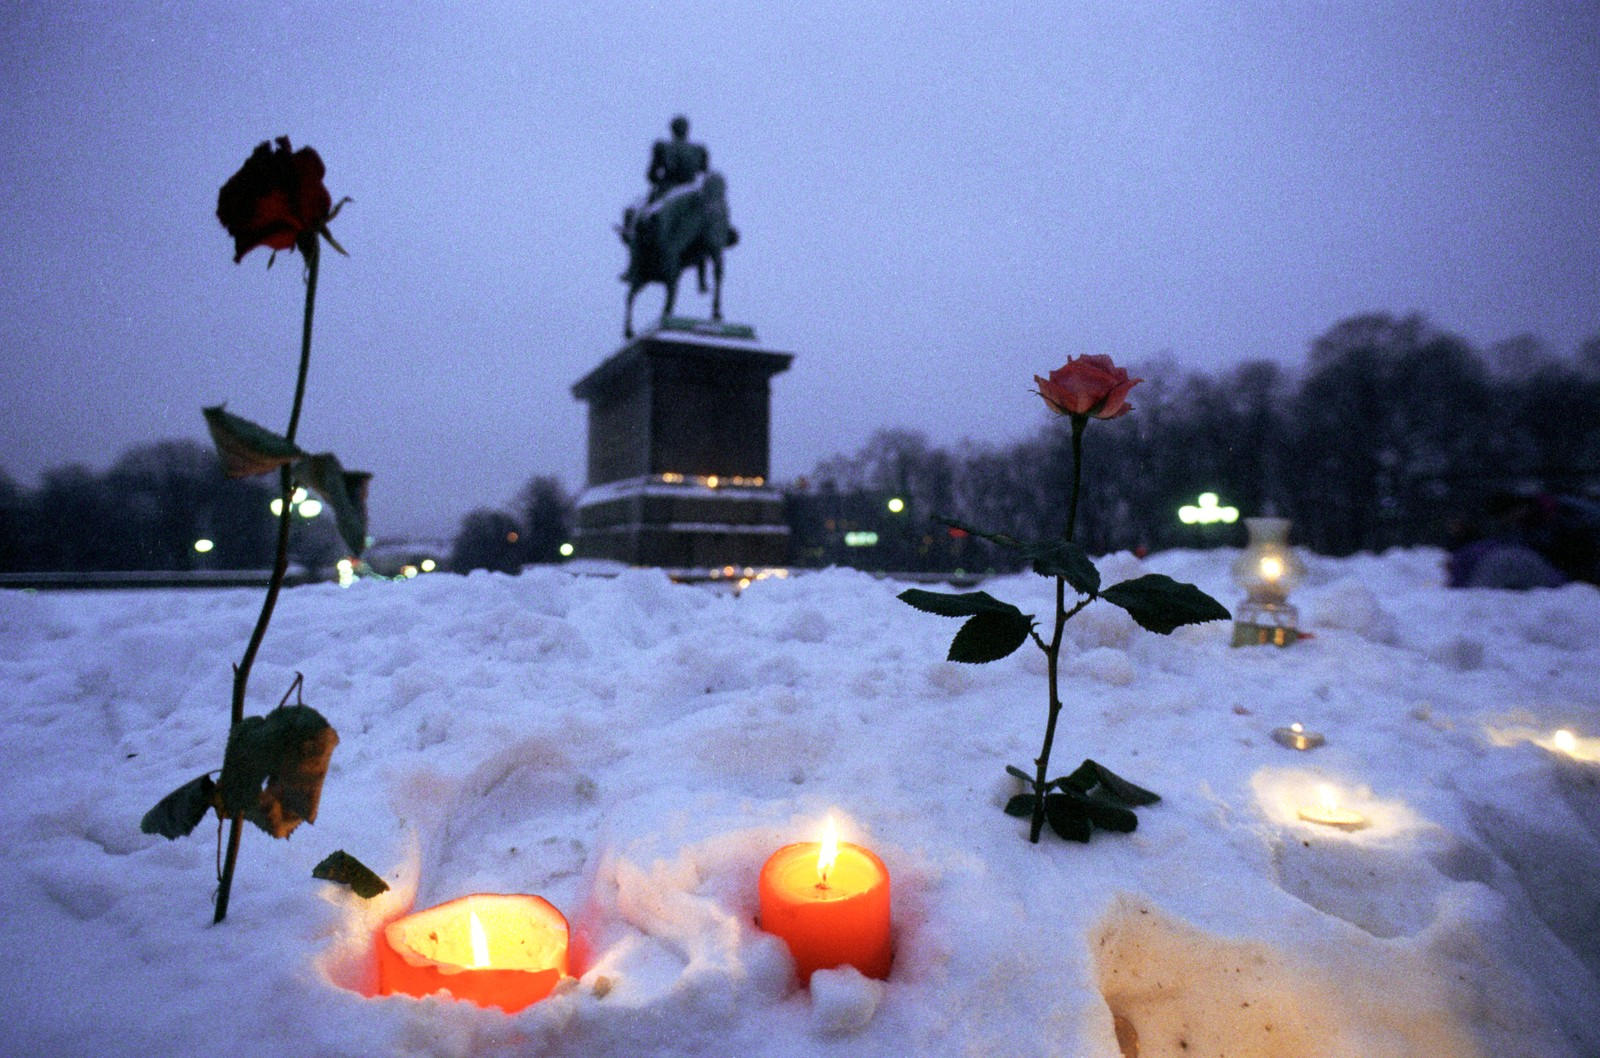 Morgenen etter kong Olavs død samlet de første seg på Slottsplassen. Sørgende mennesker tente lys, skrev hilsener og la ned blomster i snøen.